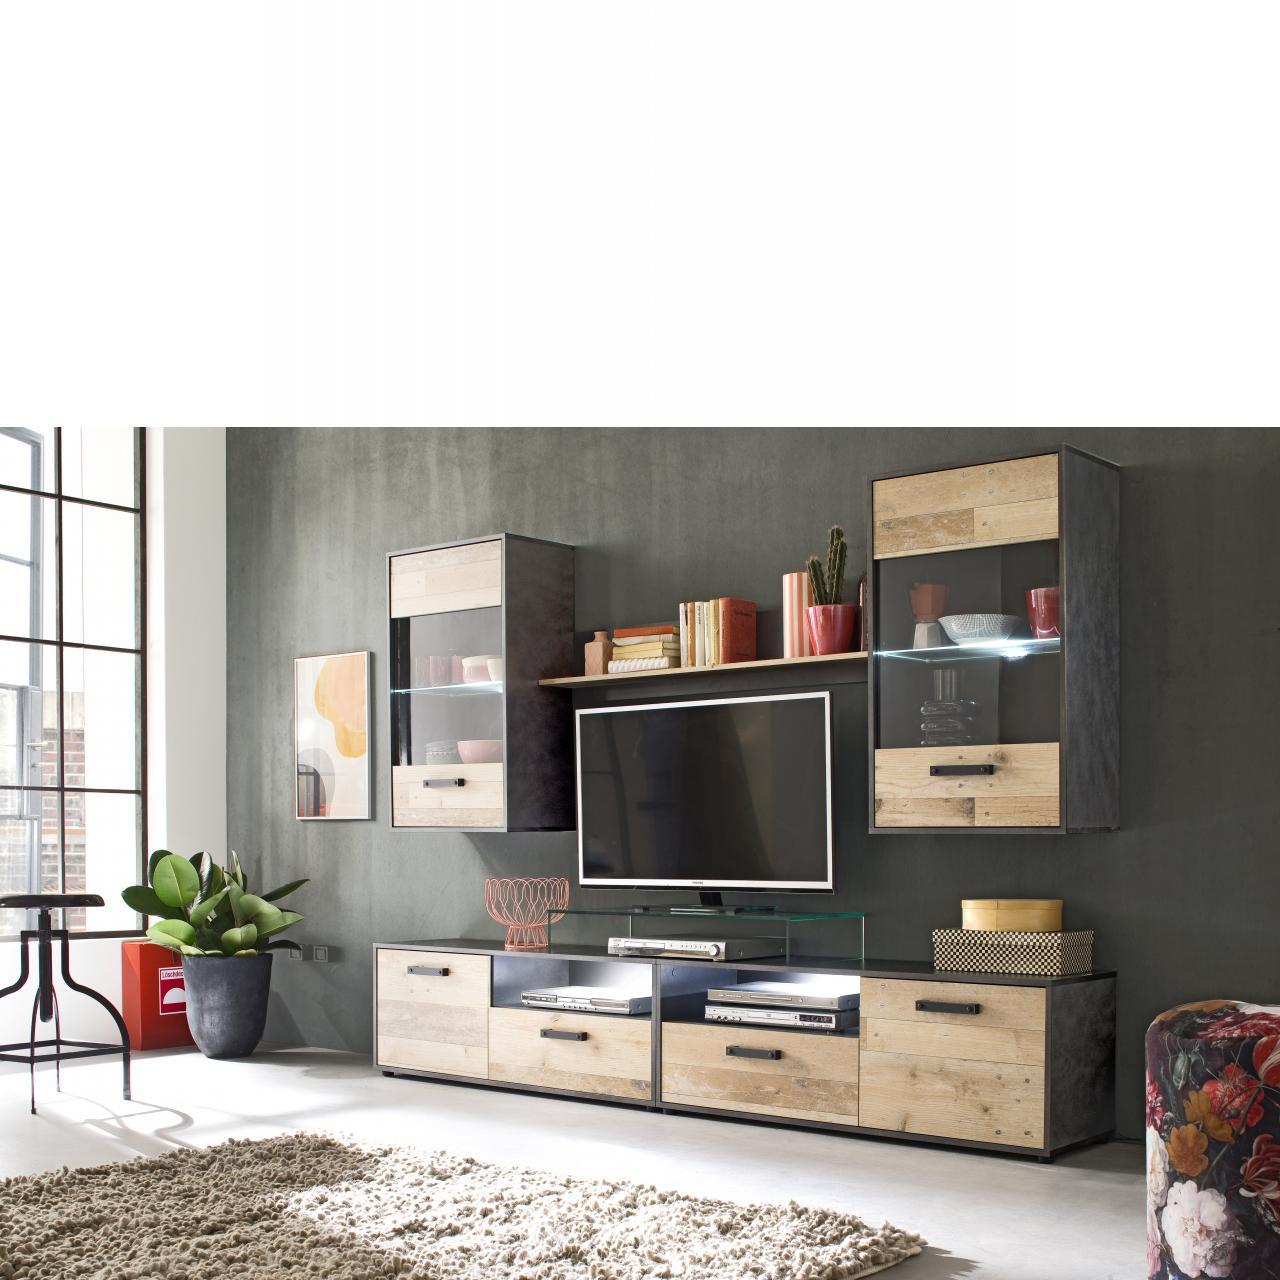 Anbauwand Merlo Pale Wood MDF Beleuchtung Wohnwand TV-Wohnlösung Stube